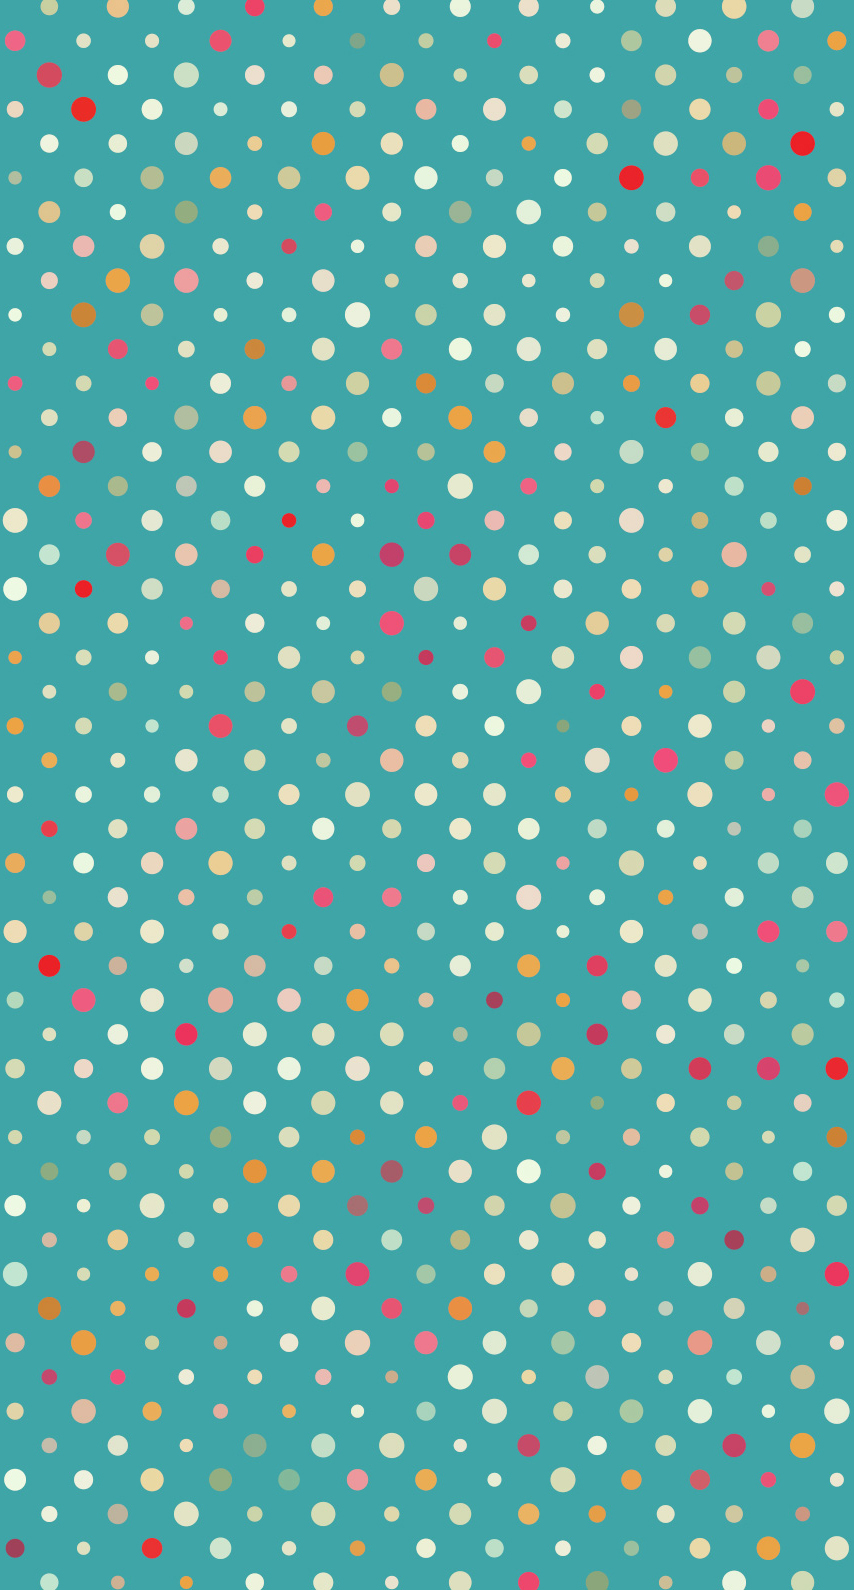 textile, confetti